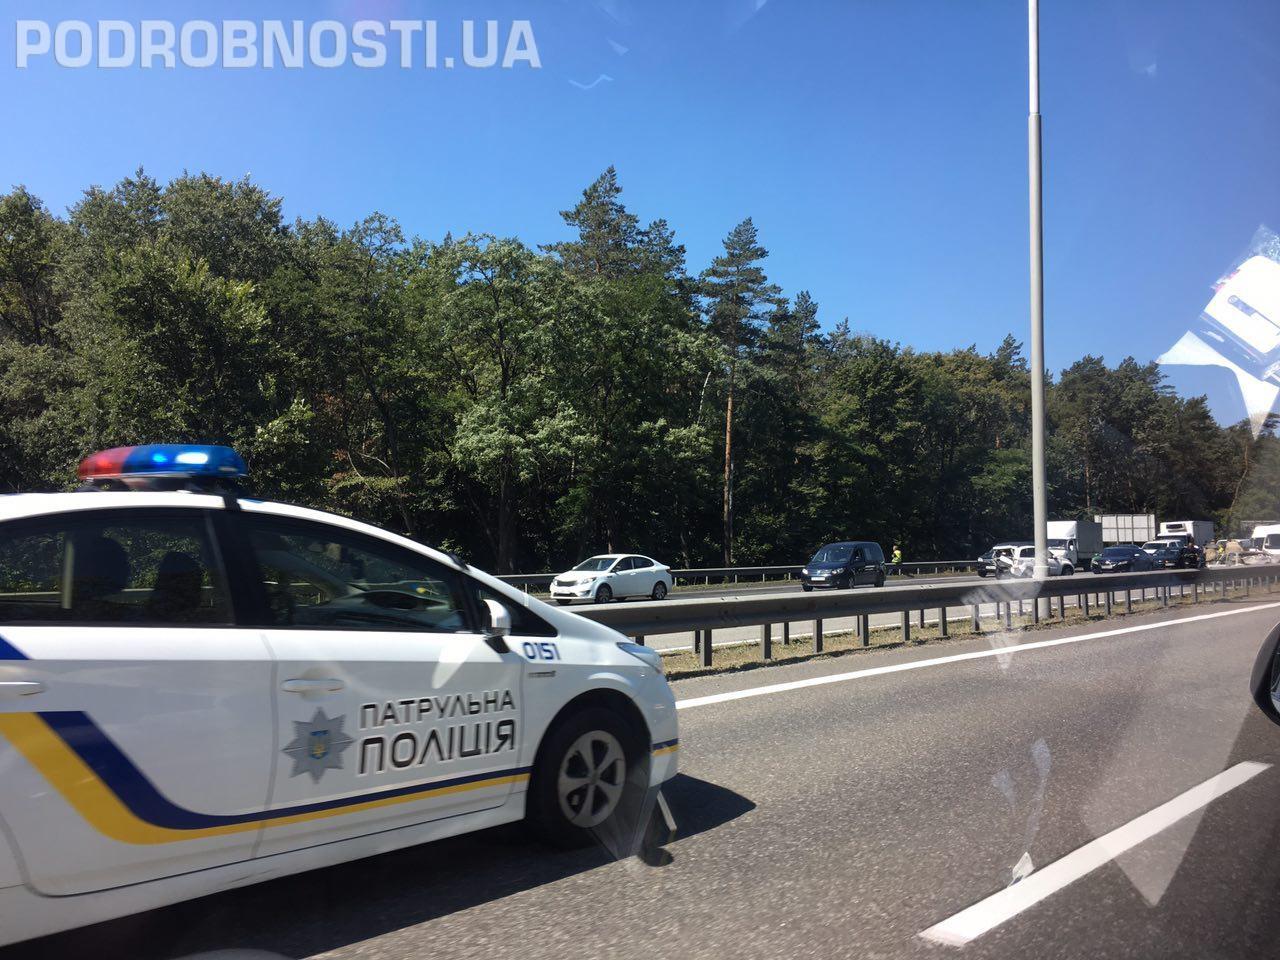 Бориспольская трасса остановилась из-за жуткой аварии (фото) | podrobnosti.ua